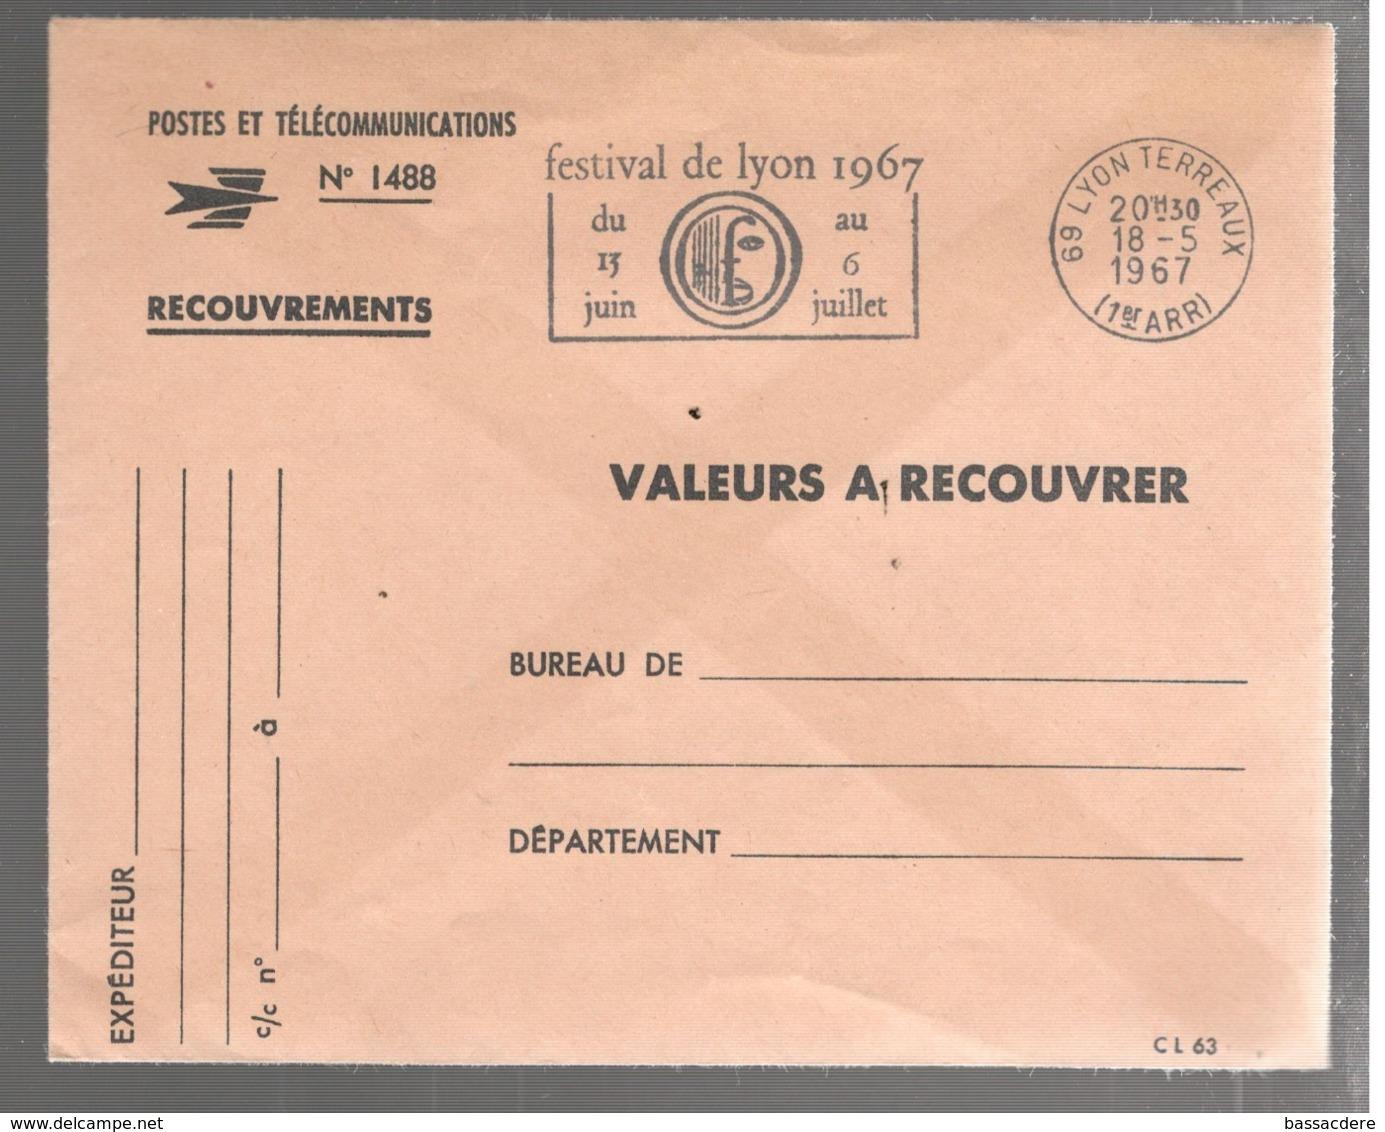 23593 - FESTIVAL DE LYON  67 - Marcofilie (Brieven)